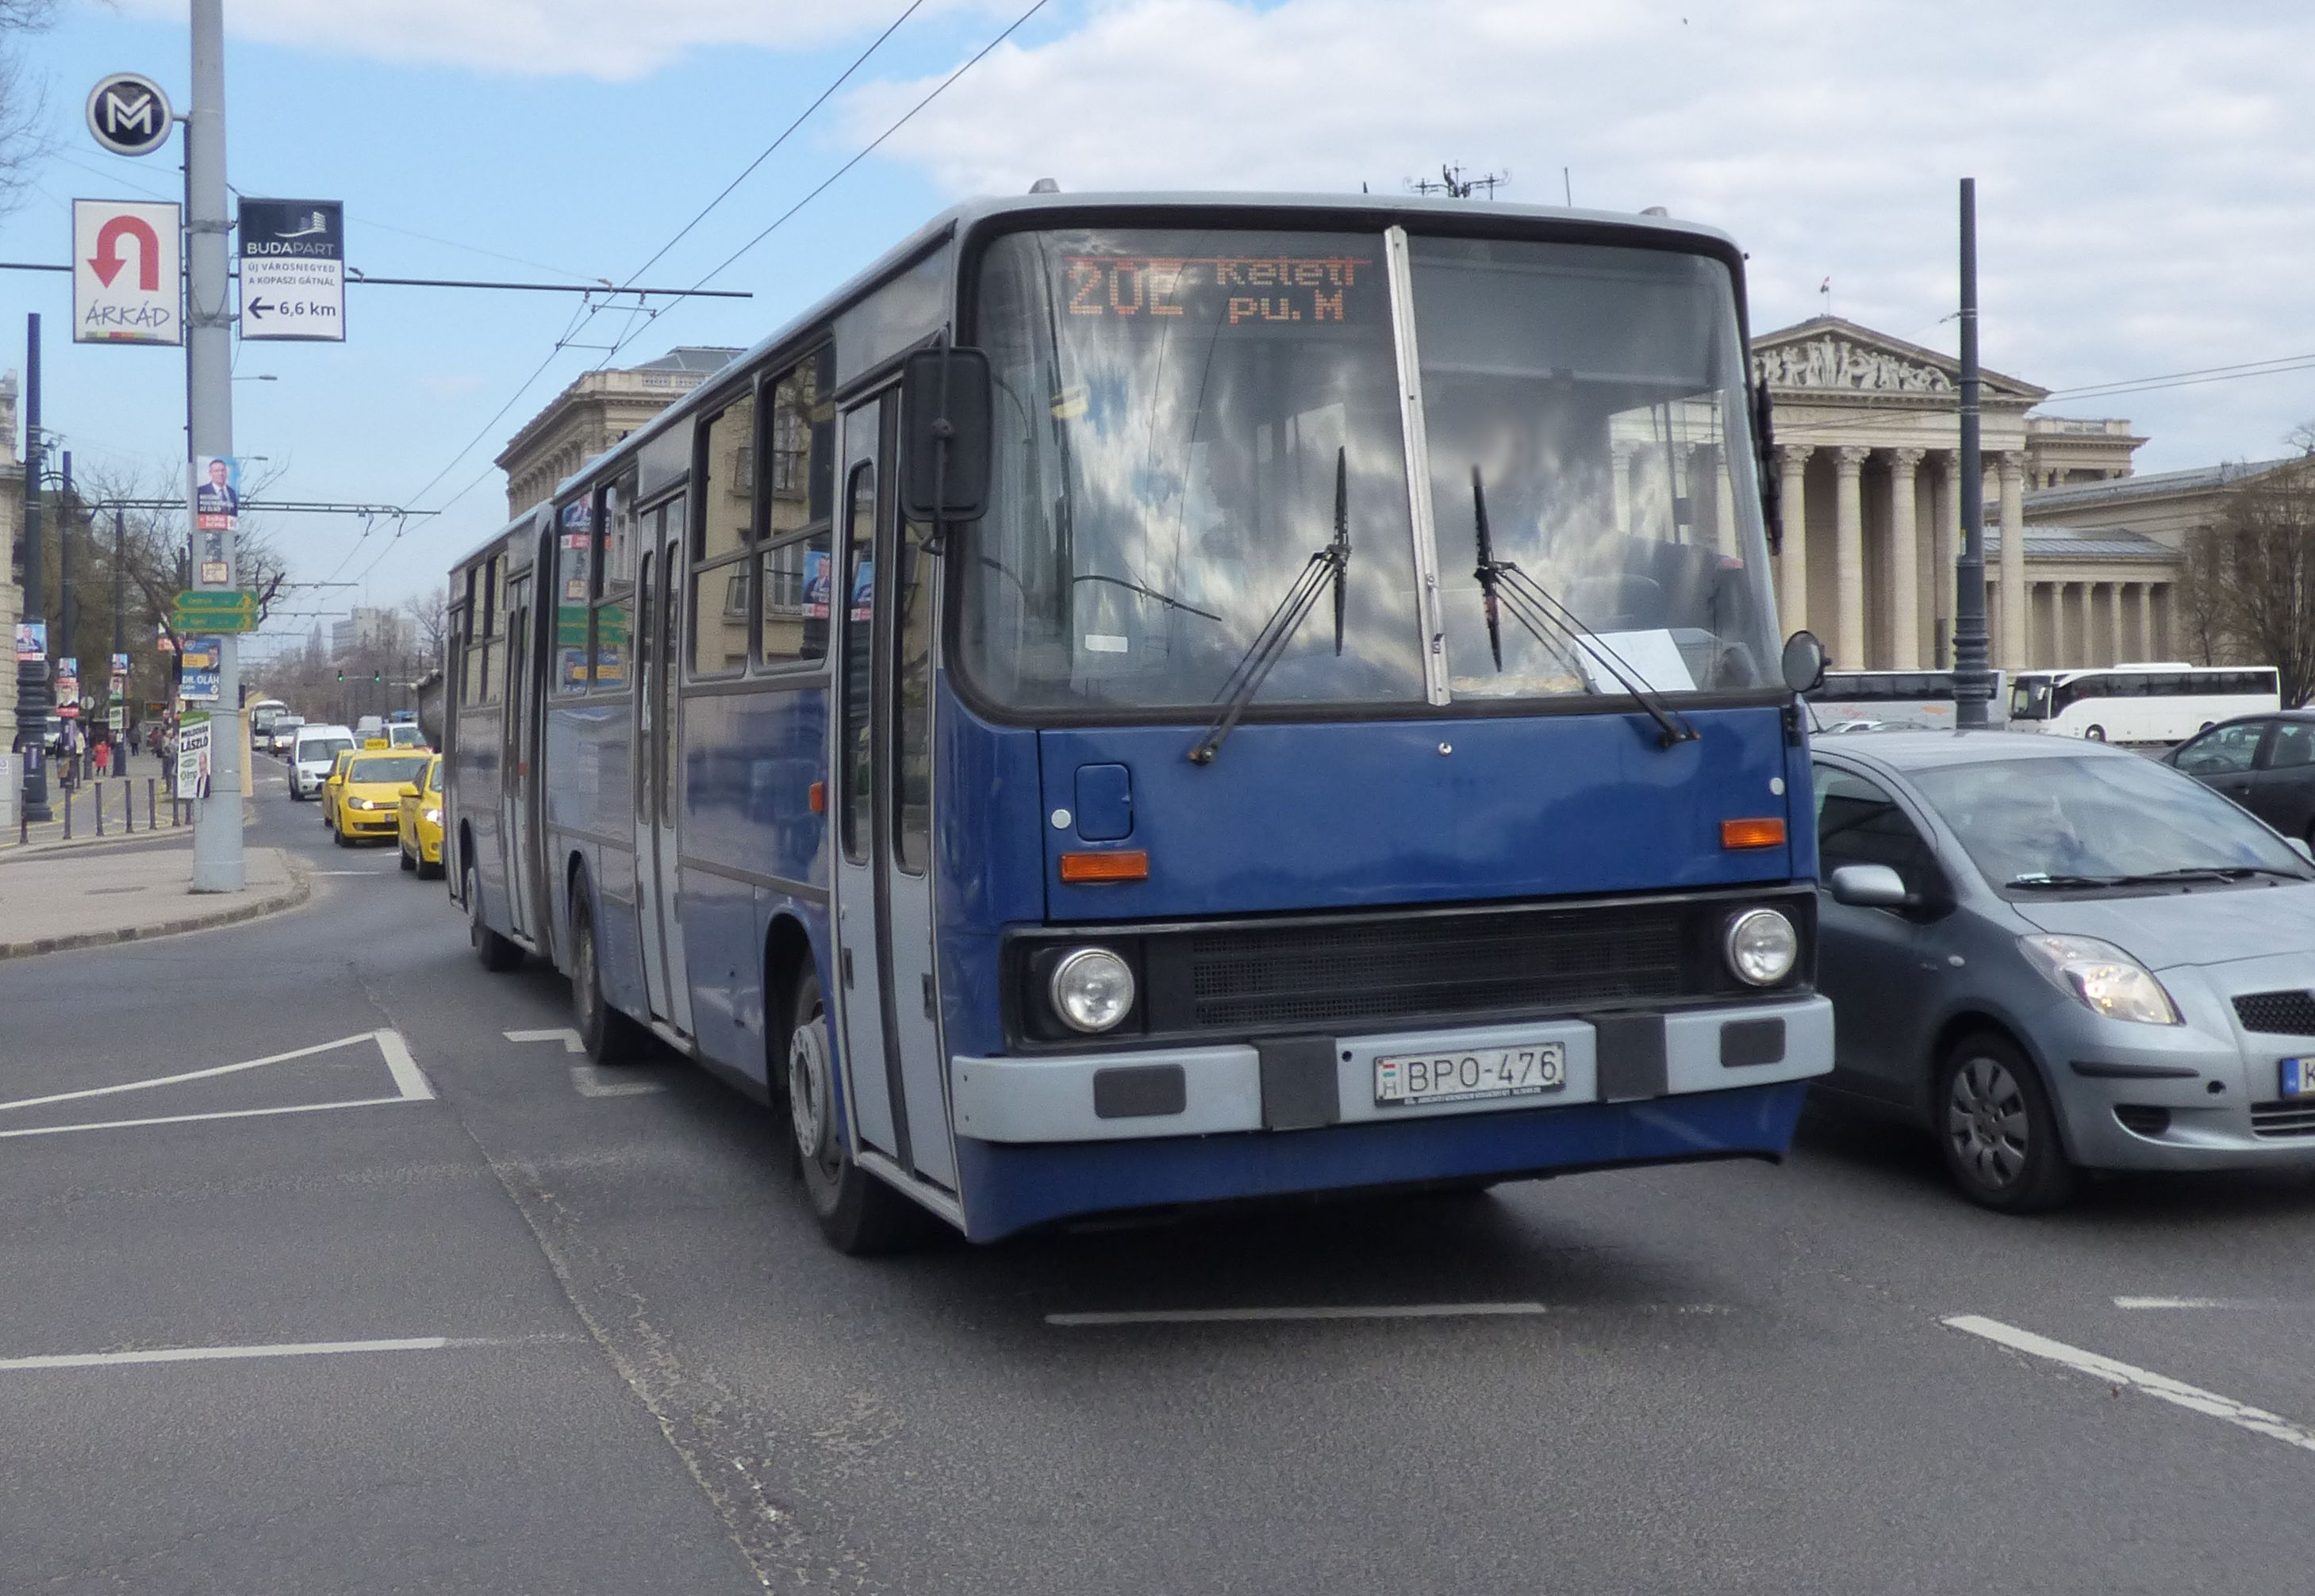 File:20E busz (BPO-476).jpg